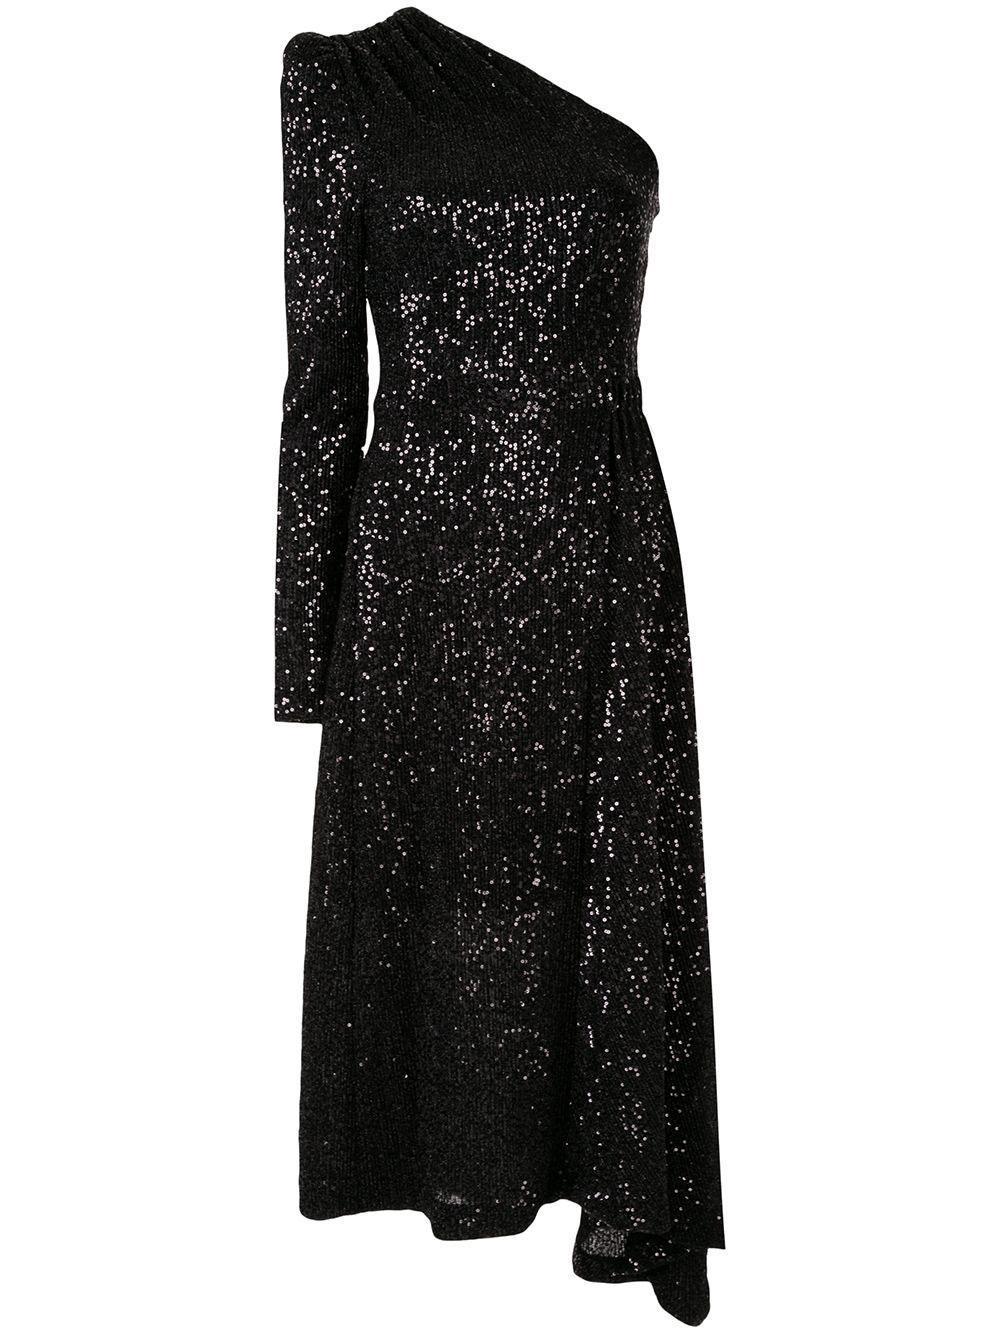 Mona Sequin One Sleeve Midi Dress Item # 1904-1523